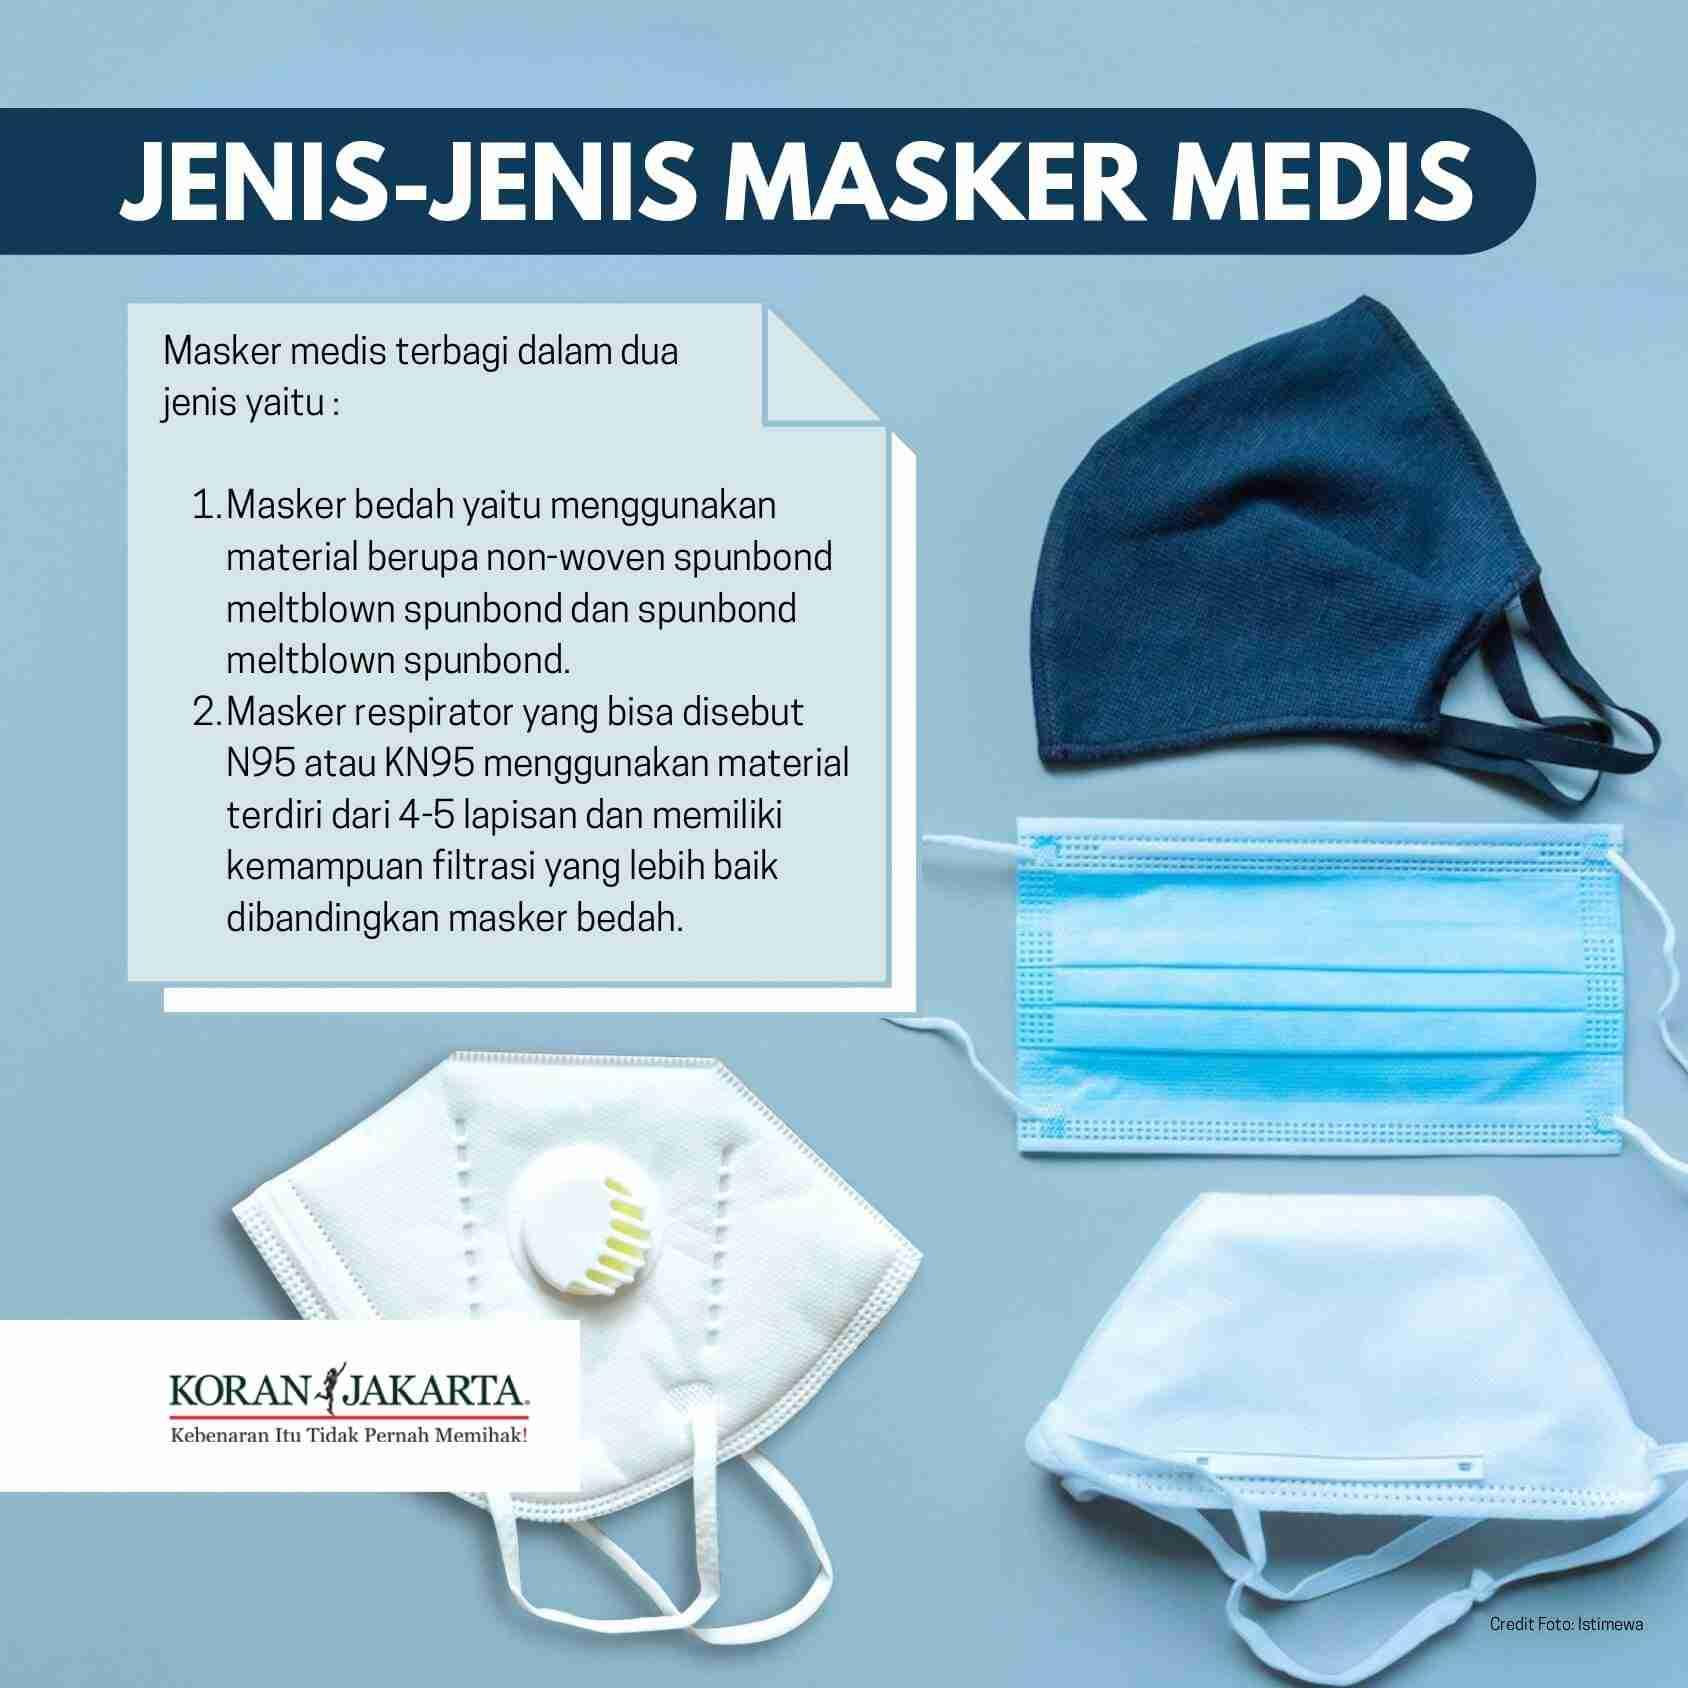 Cara Memilih Masker Sesuai Anjuran Kementerian Kesehatan 2